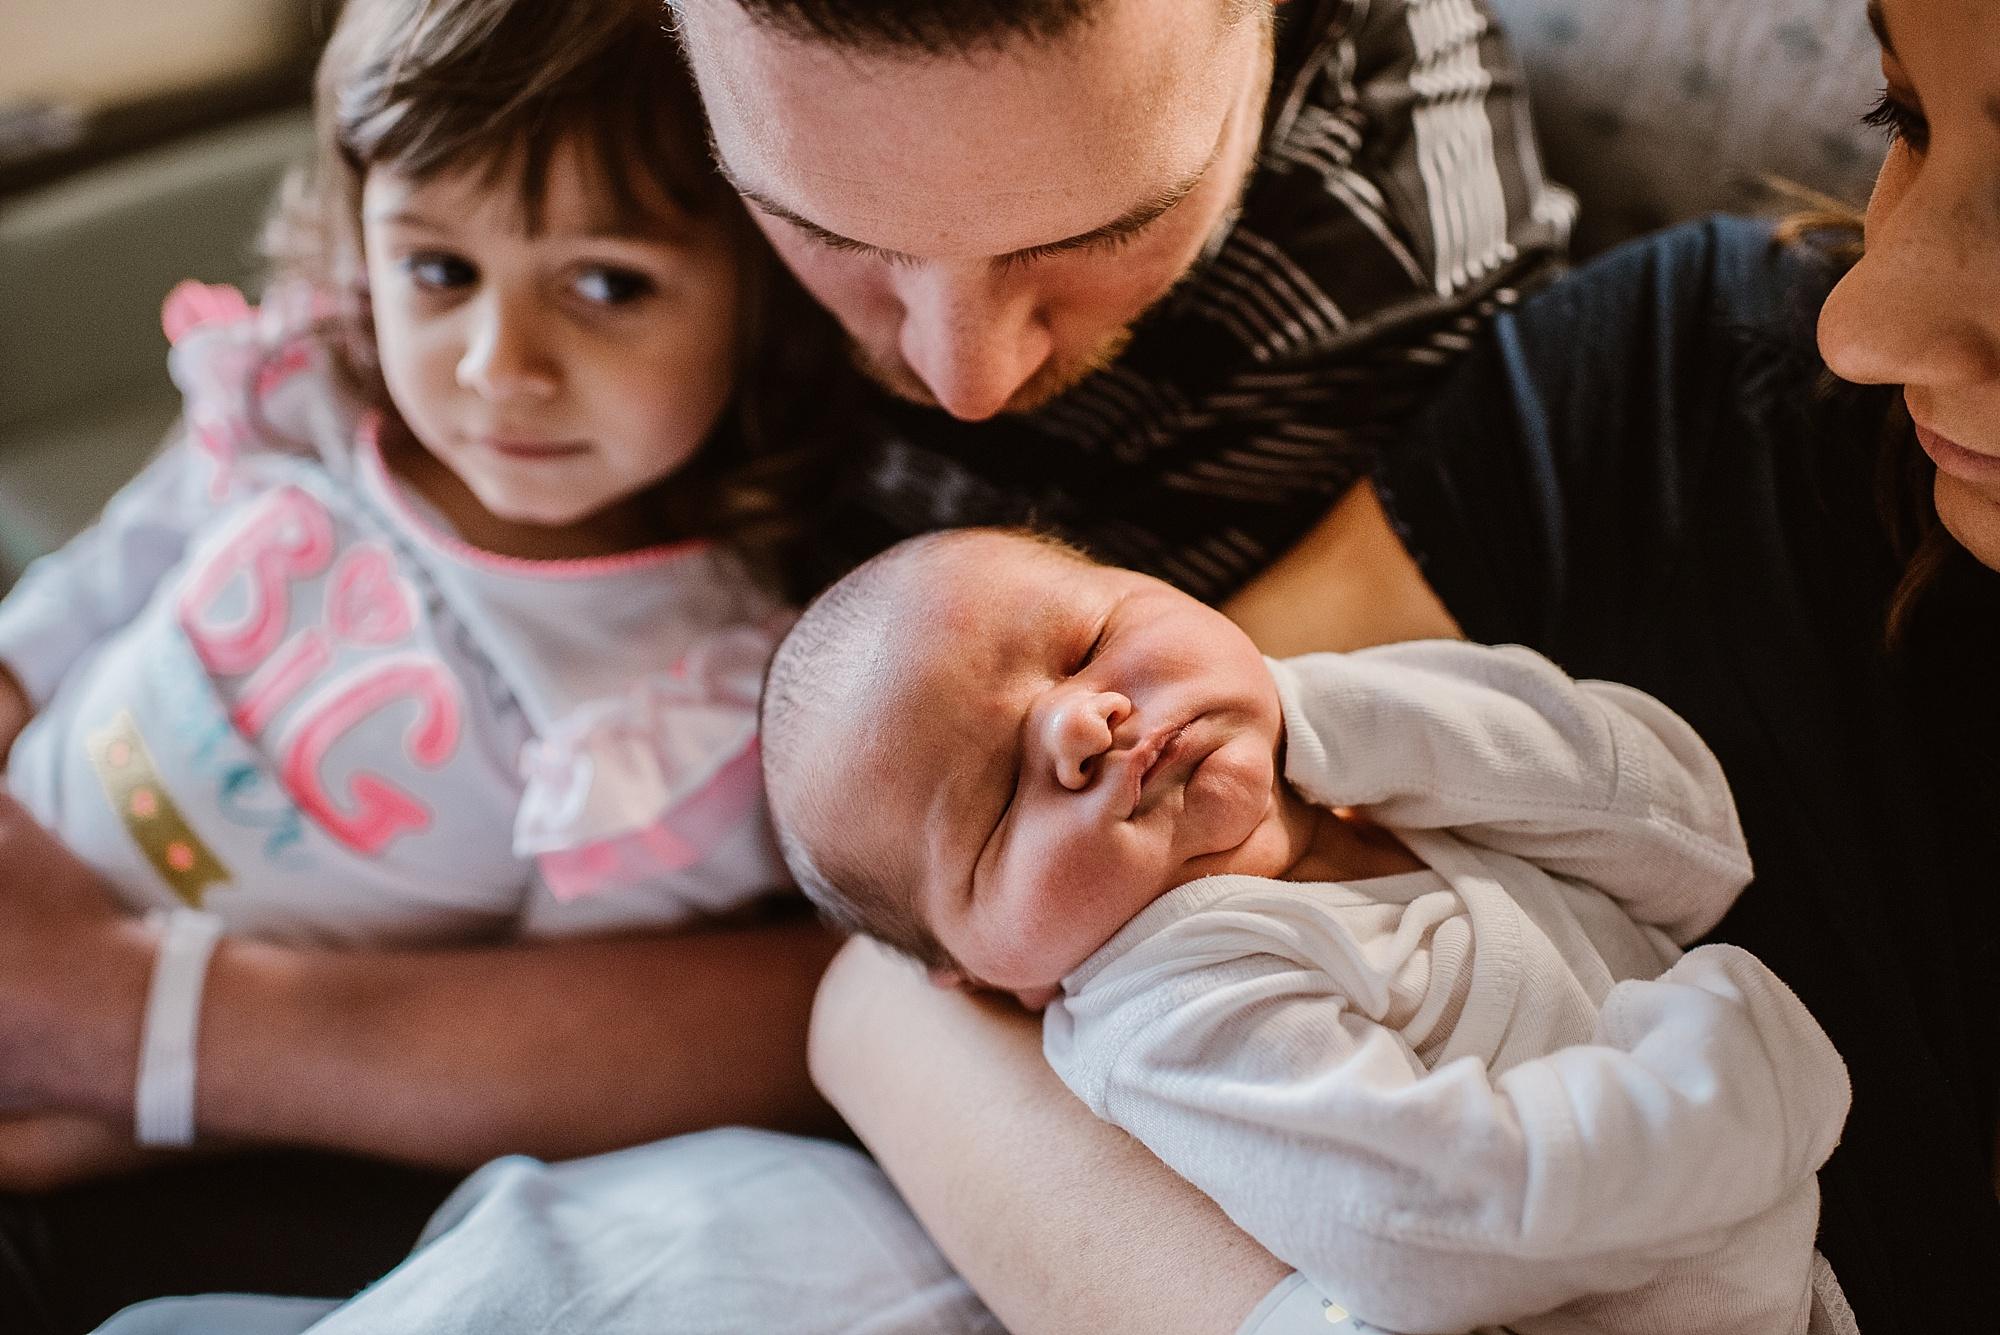 Dudones-family-cleveland-photographer-lauren-grayson-fresh-48-session_0004.jpg